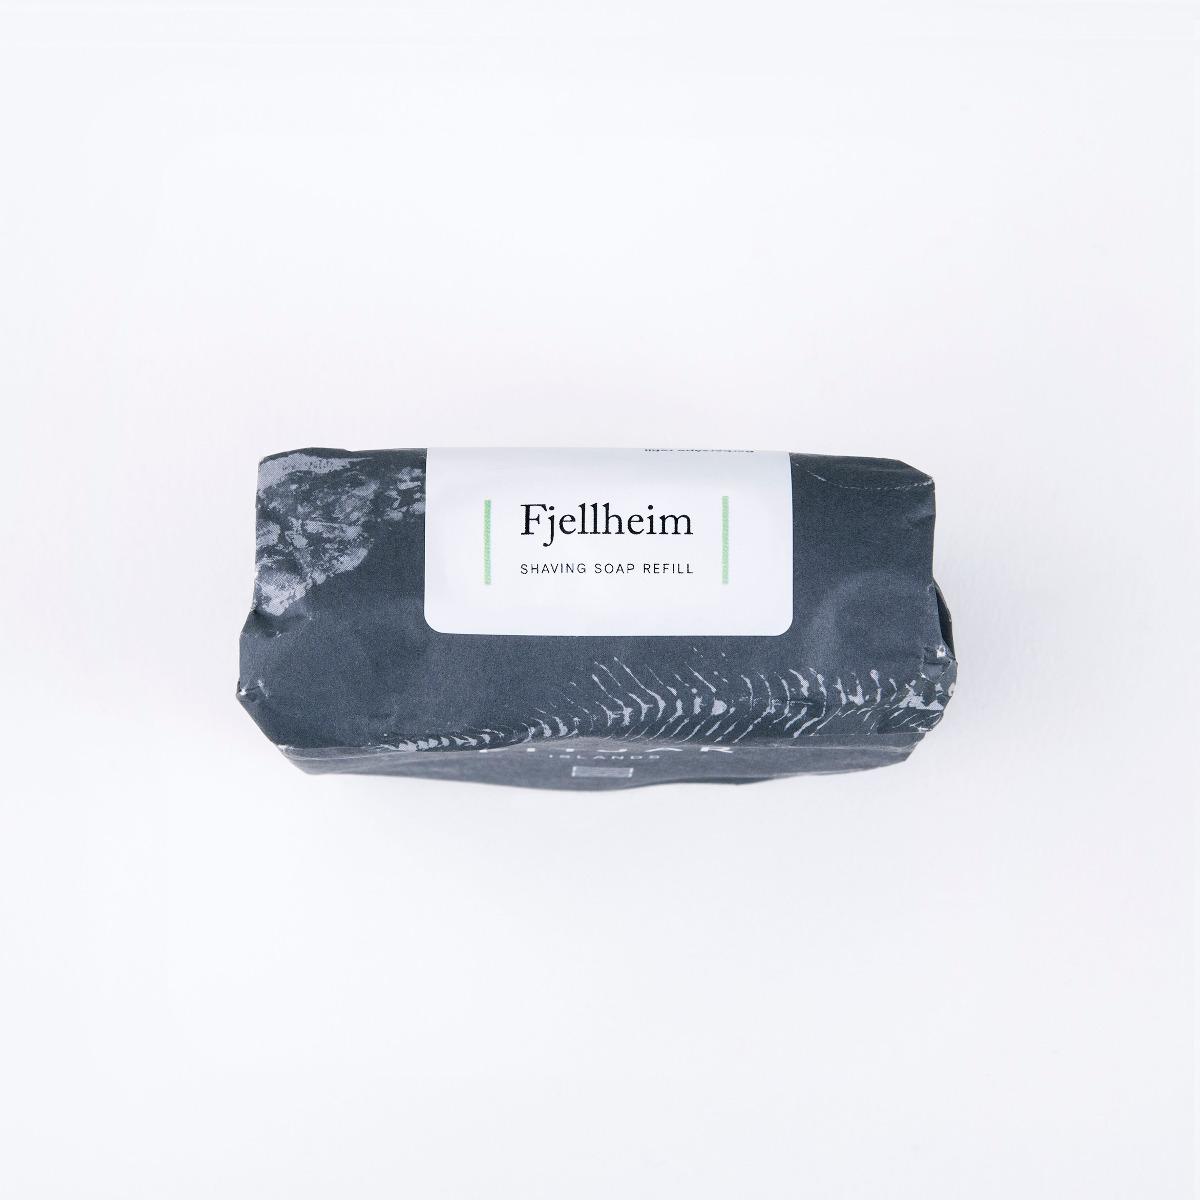 Fitjar Islands Fjellheim Shaving Soap 100g Refill